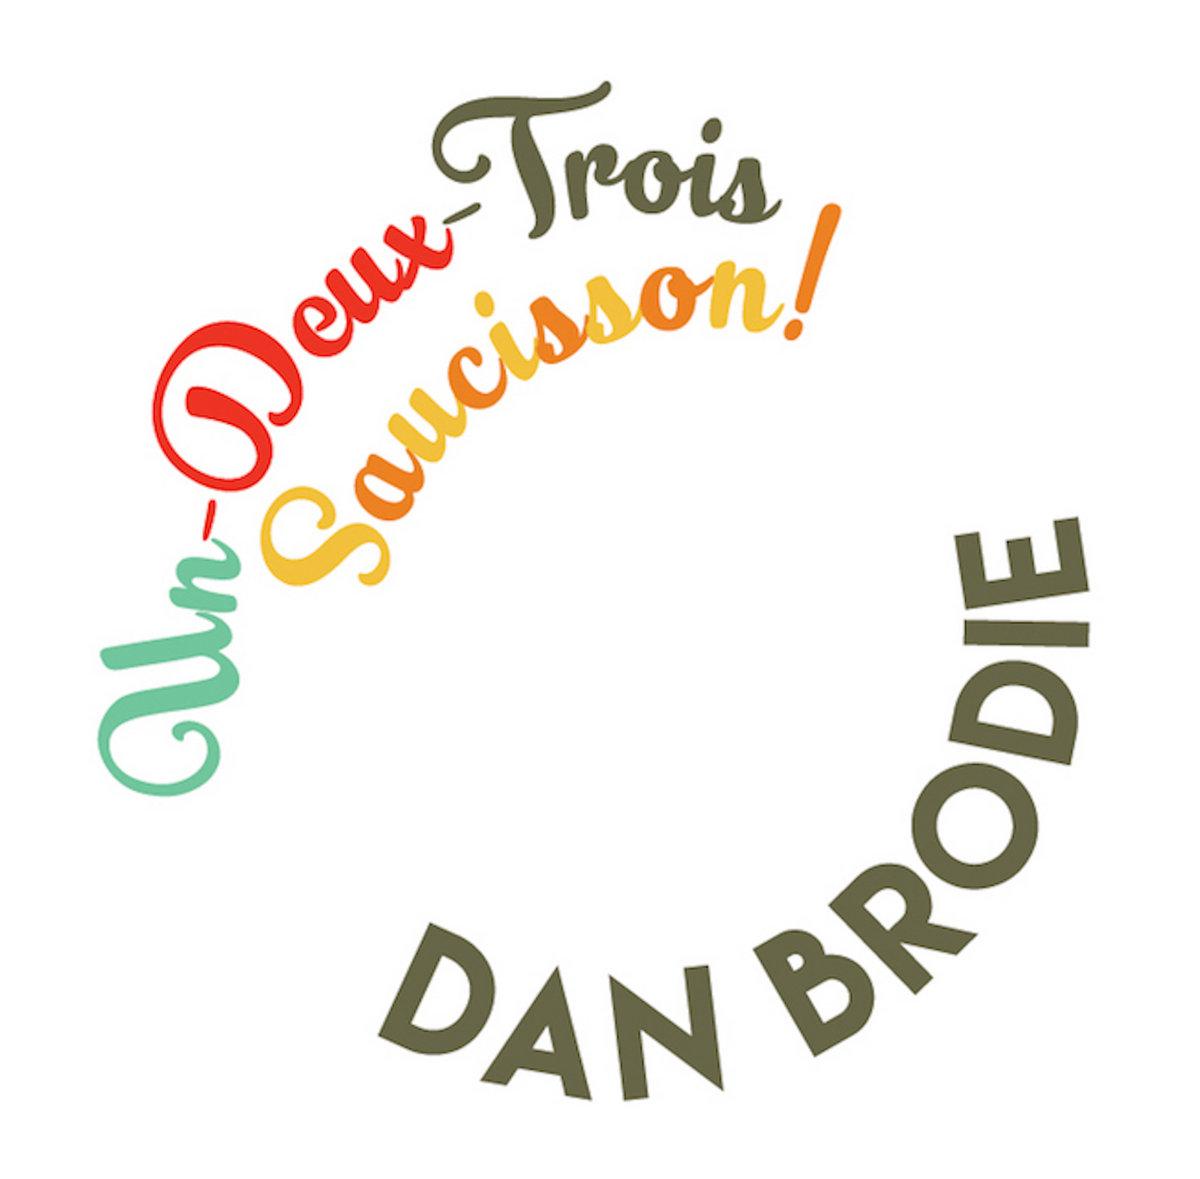 Un Deux Trois Saucisson! by Dan Brodie